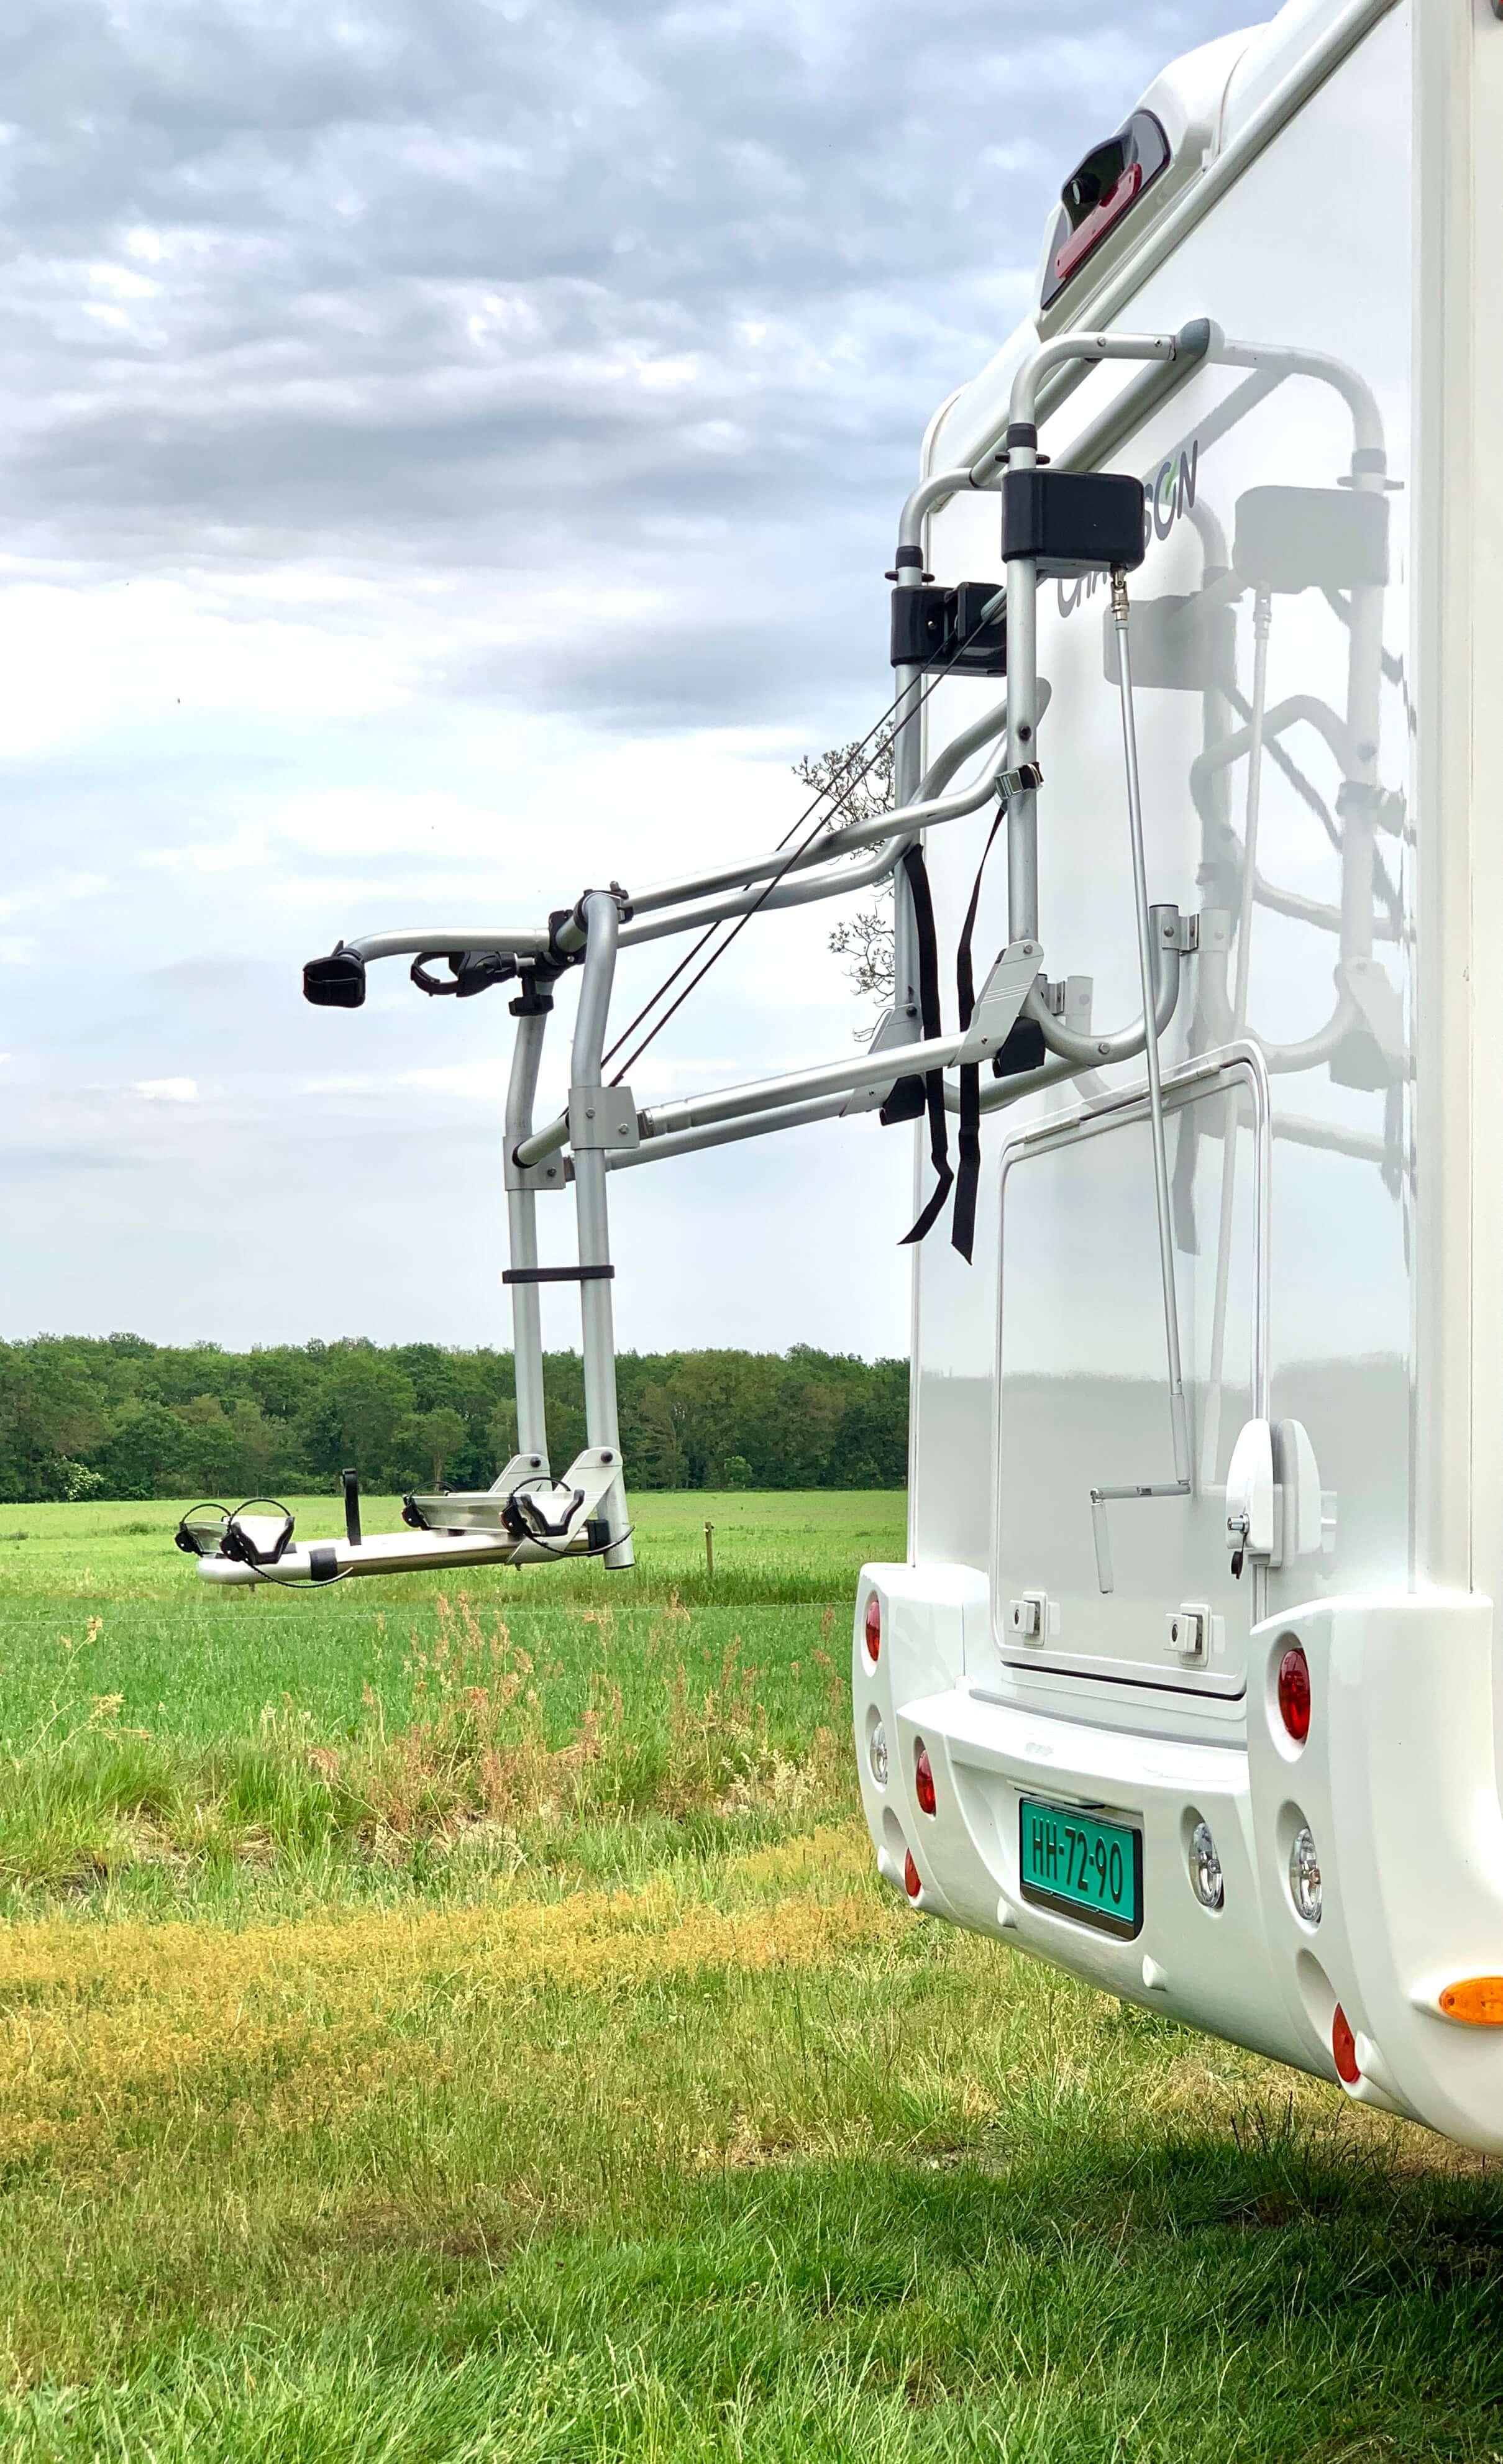 Fietsendrager lift Chausson 718 XLB VIP te koop bij Campers Noord